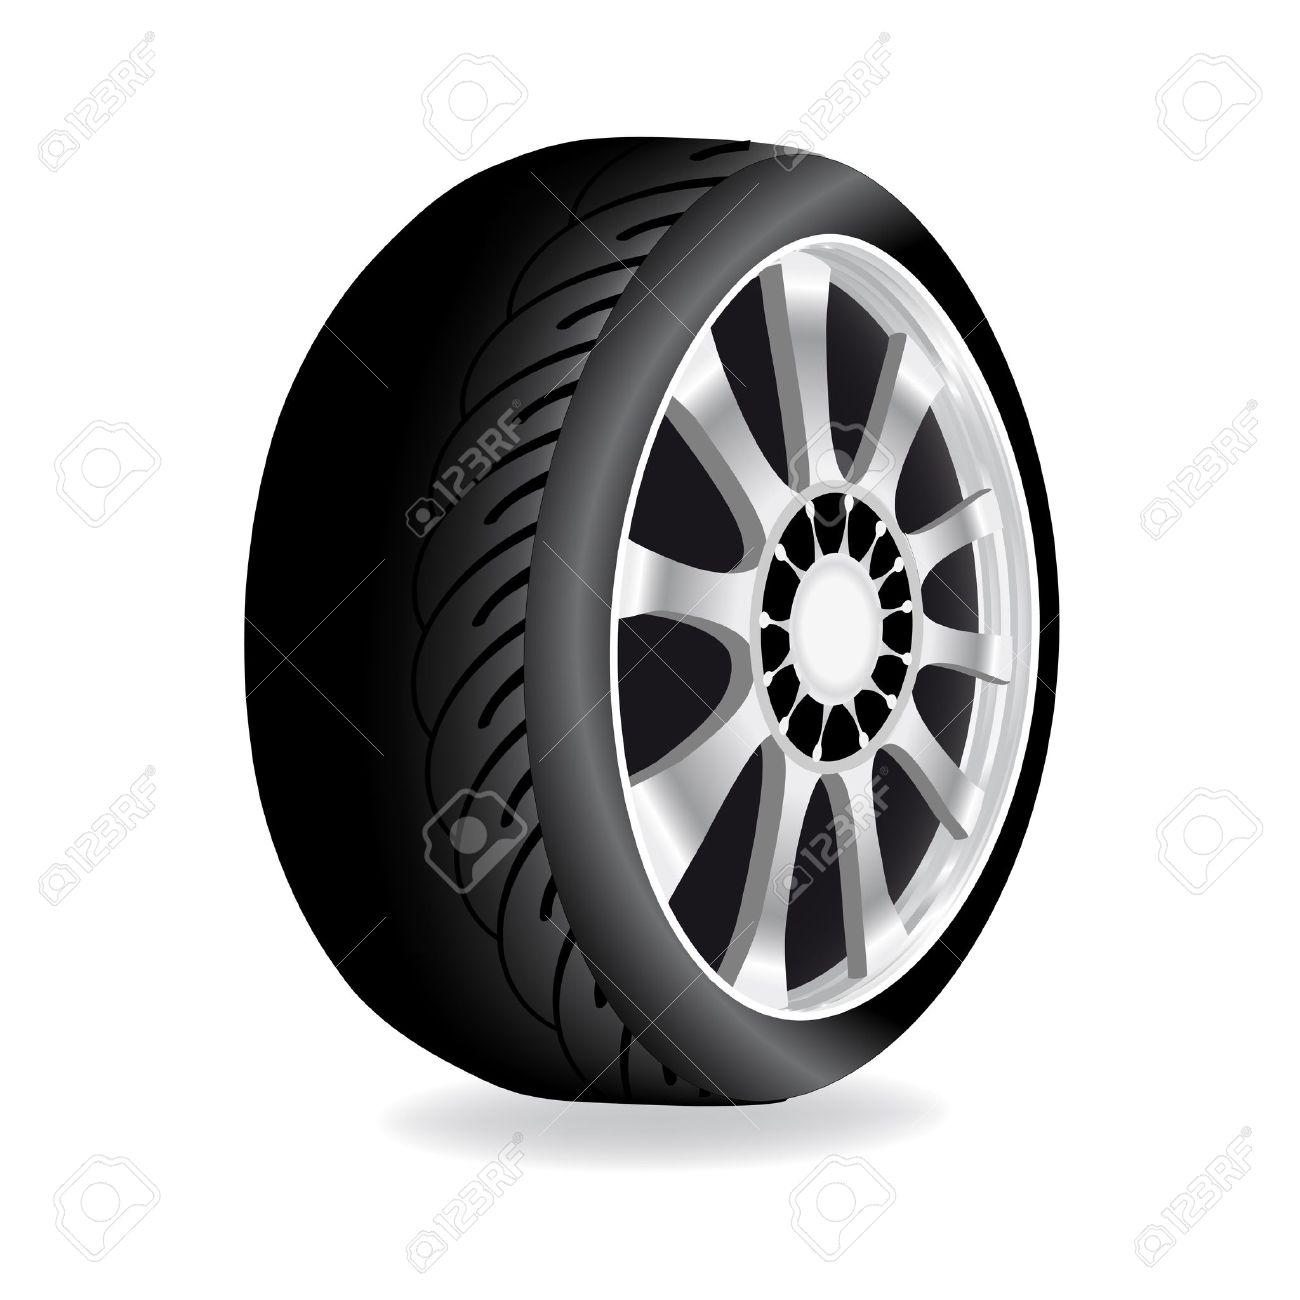 Vector wheel - car, automobile Stock Vector - 11446236